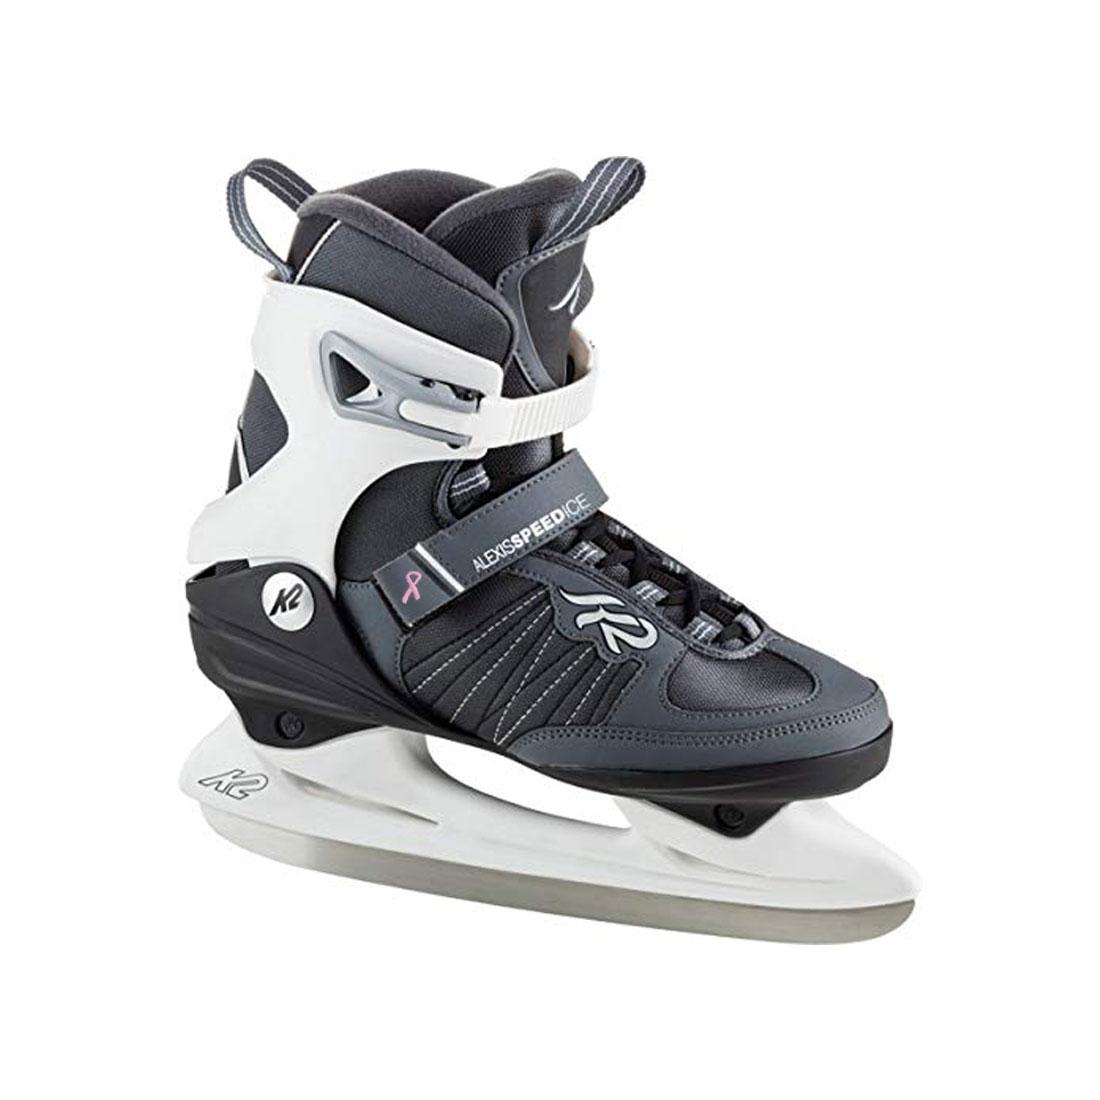 K2 Alexis Speed Ice Damen Schlittschuhe